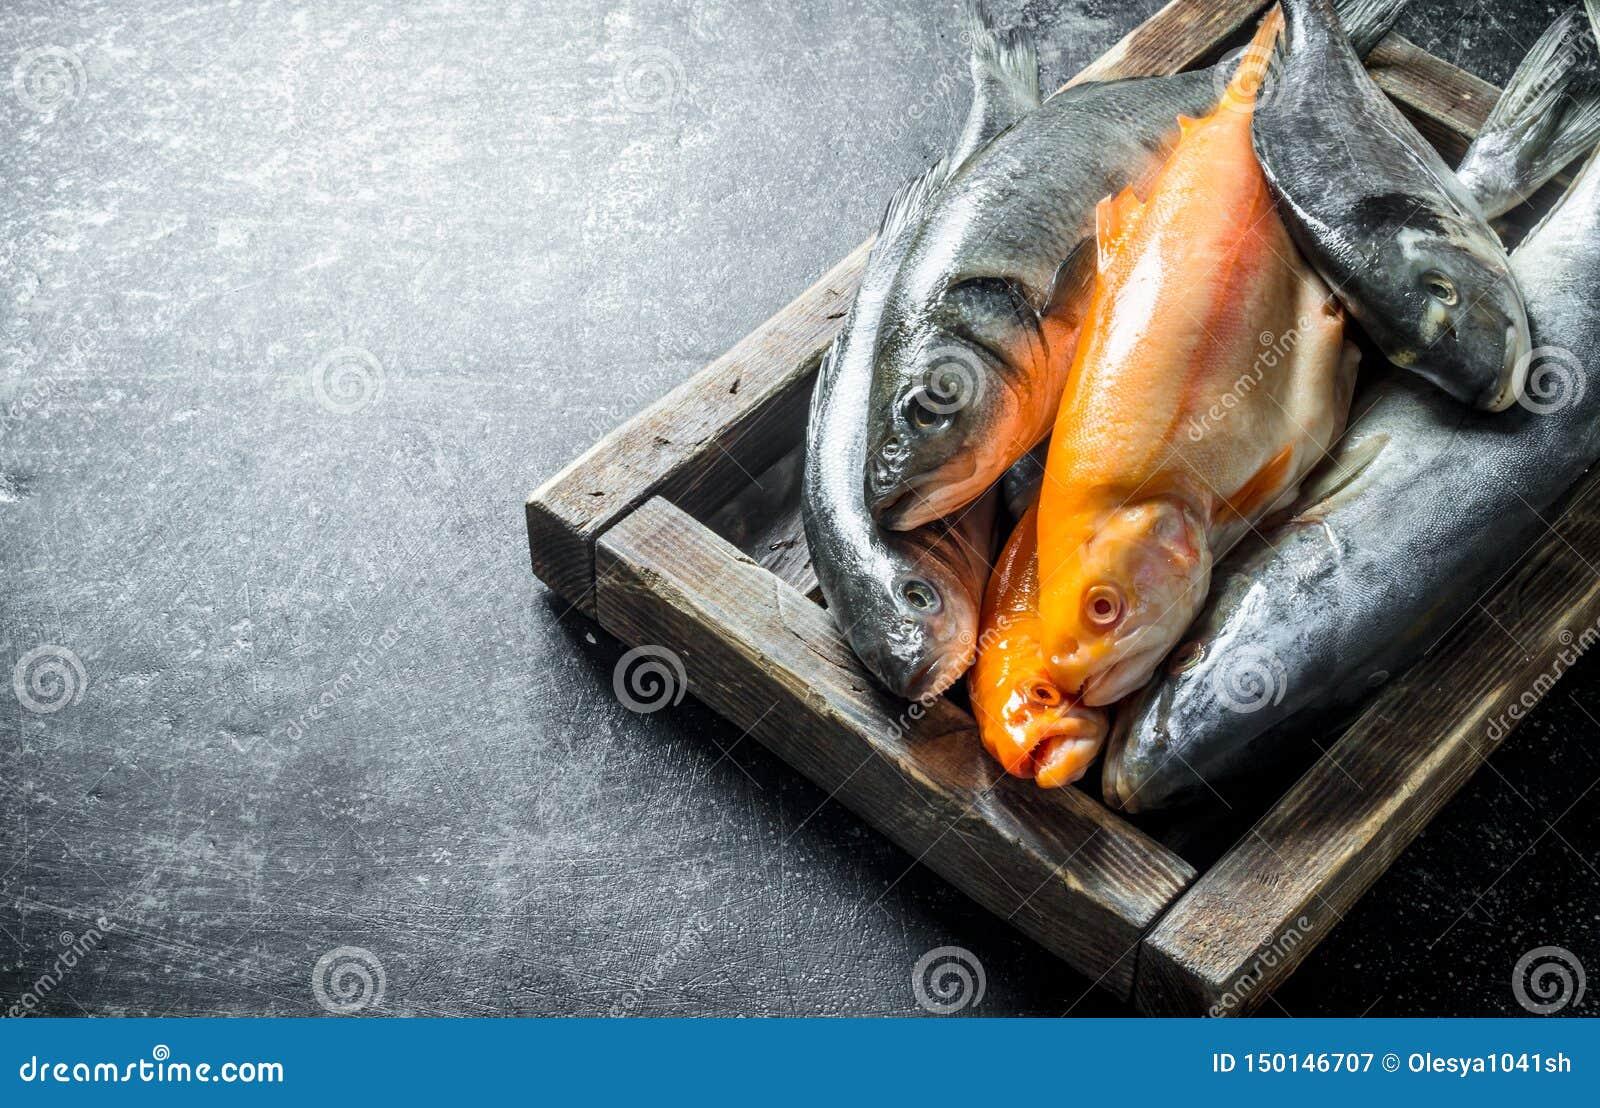 Разнообразие свежие рыбы на подносе